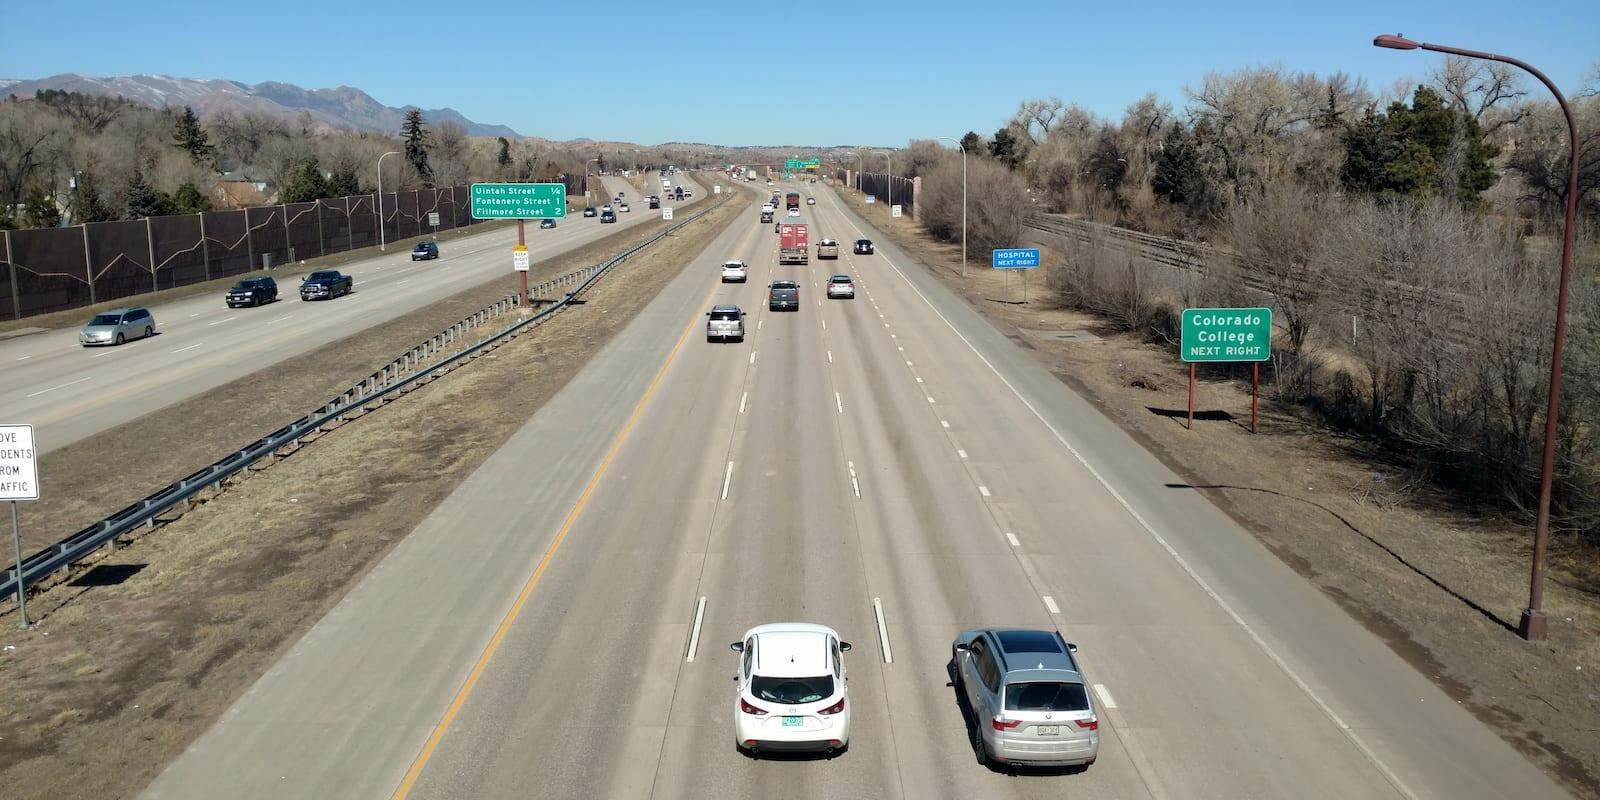 I-25 Travel from Colorado Springs to Denver